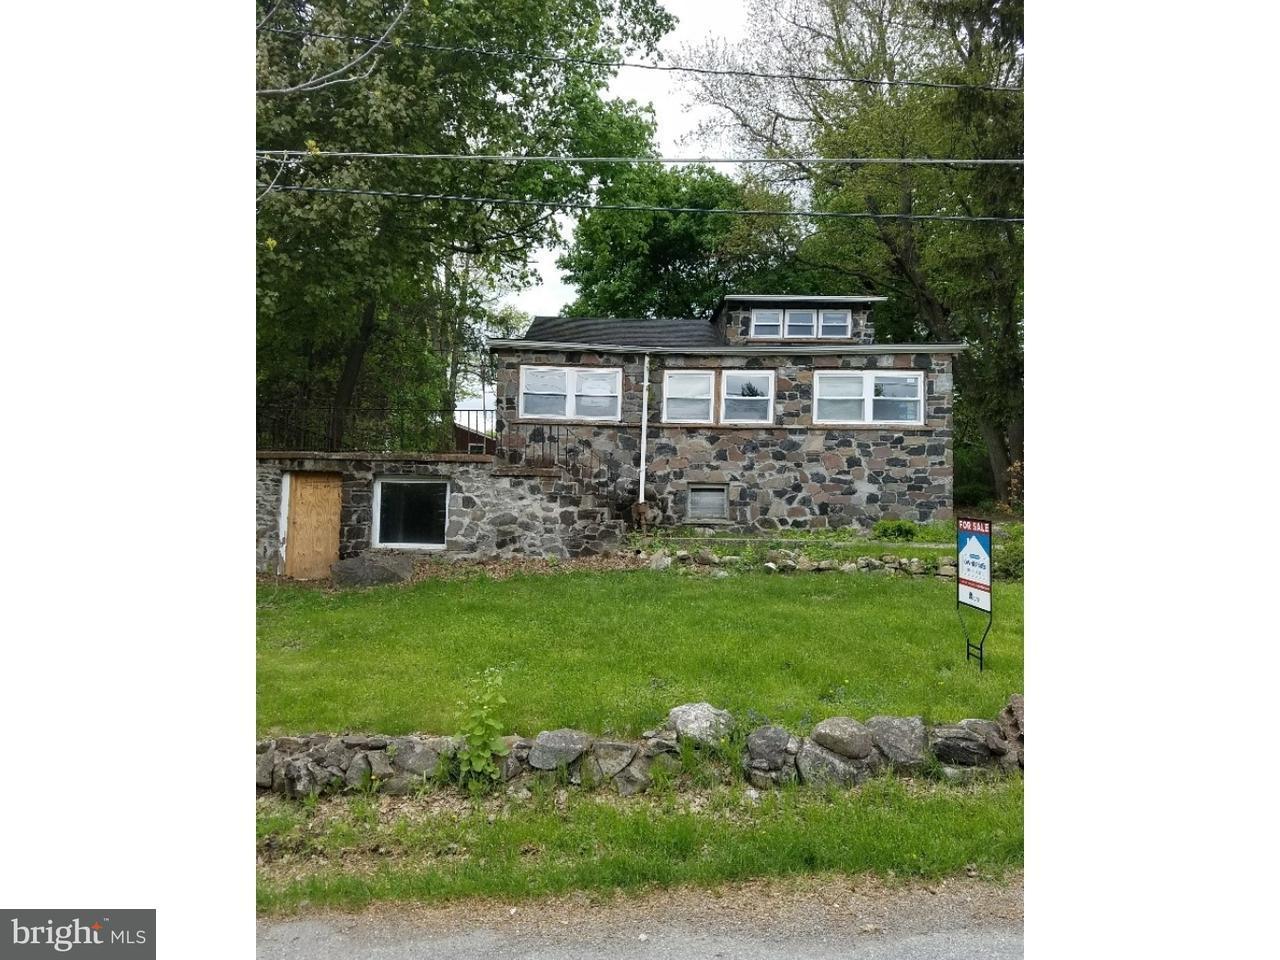 Частный односемейный дом для того Продажа на 11 KEWAUNEE Road Highland Lakes, Нью-Джерси 07017 Соединенные Штаты